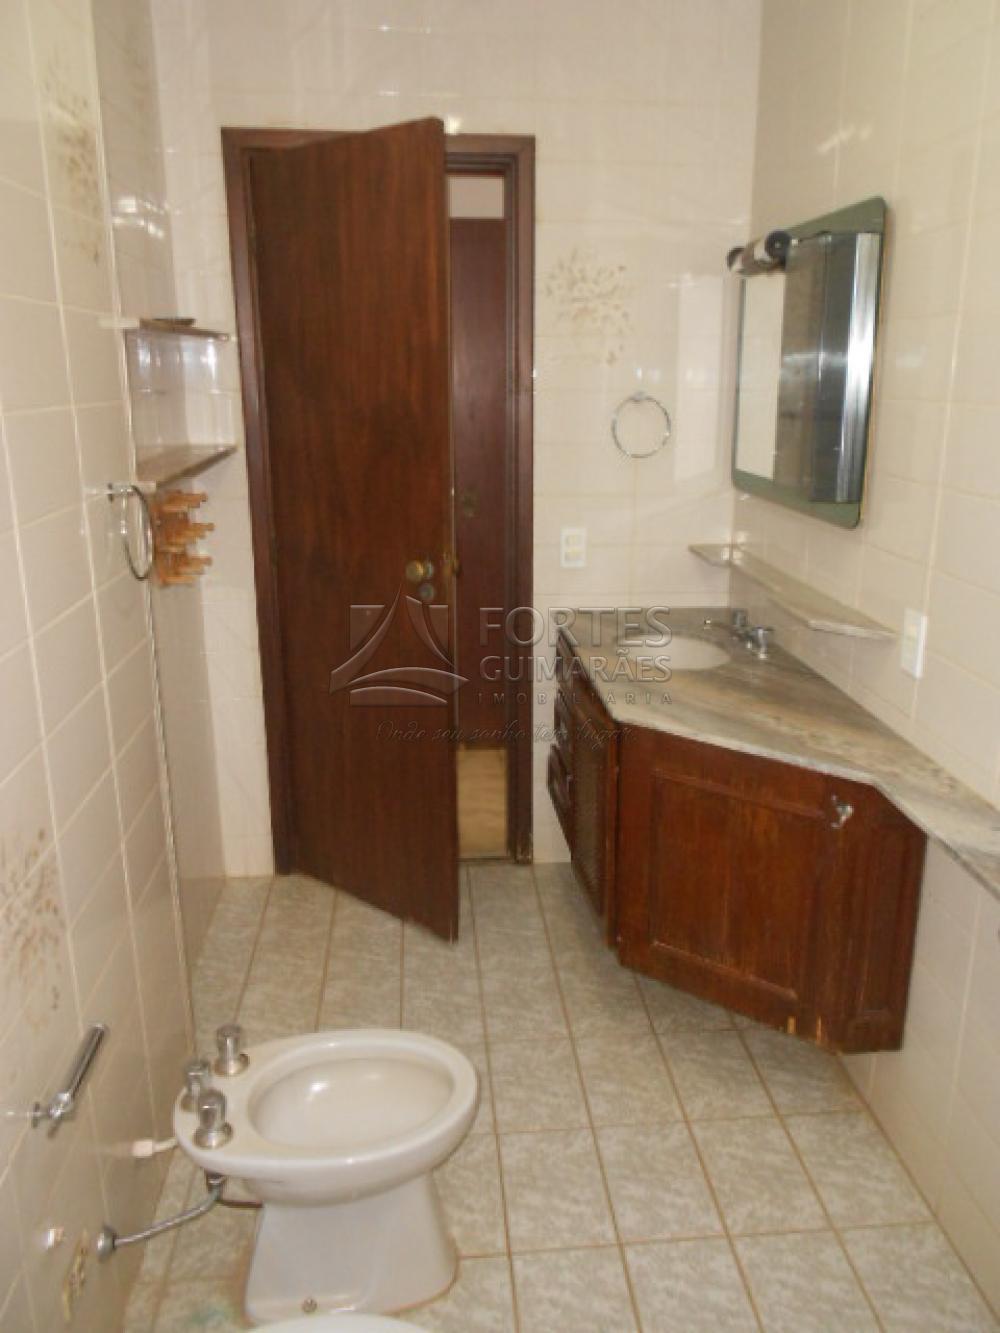 Alugar Apartamentos / Padrão em Ribeirão Preto apenas R$ 1.250,00 - Foto 43